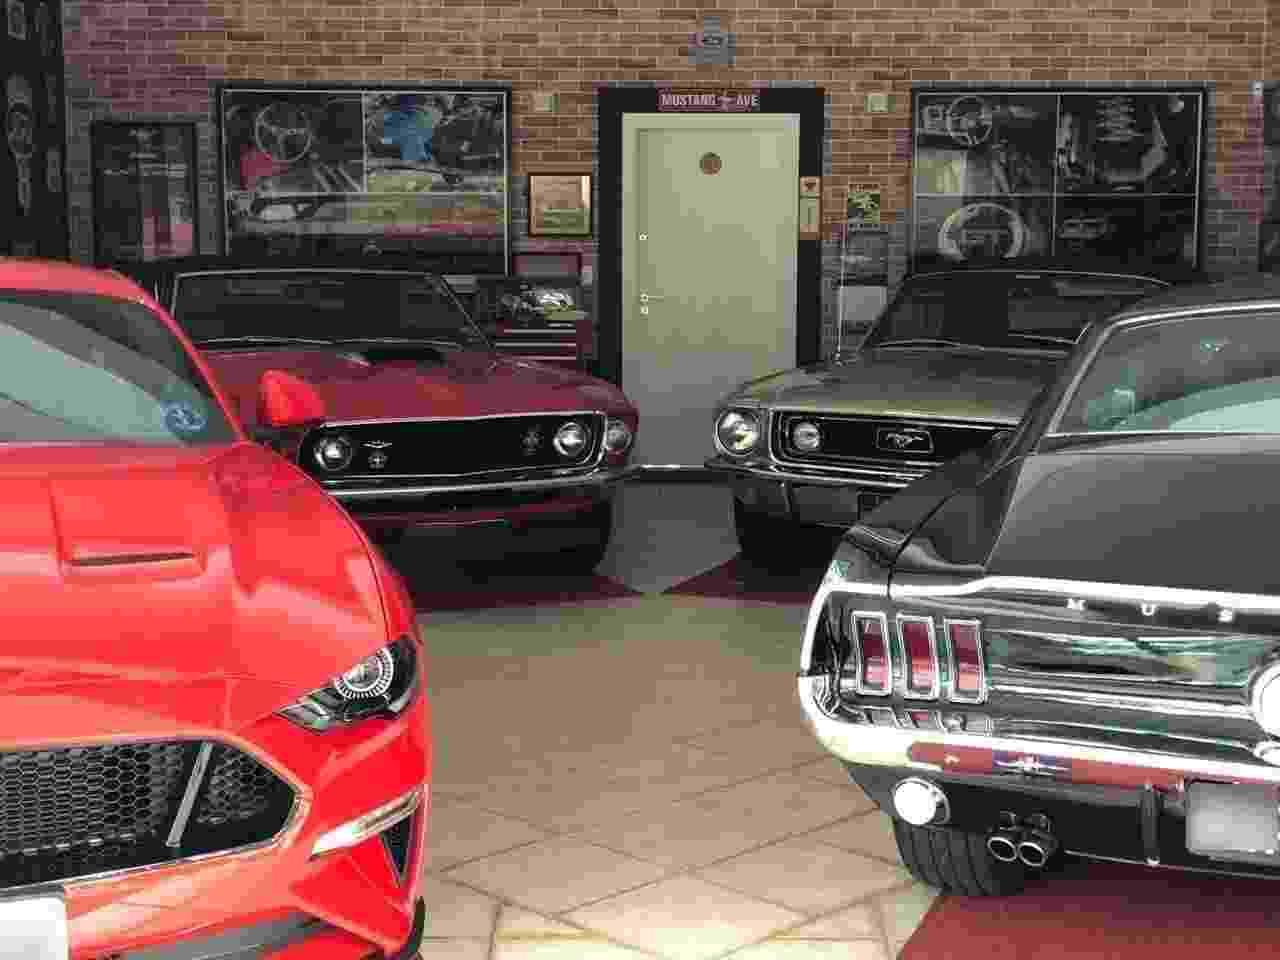 Ford Mustang coleção Marcelo Simionato - Arquivo pessoal